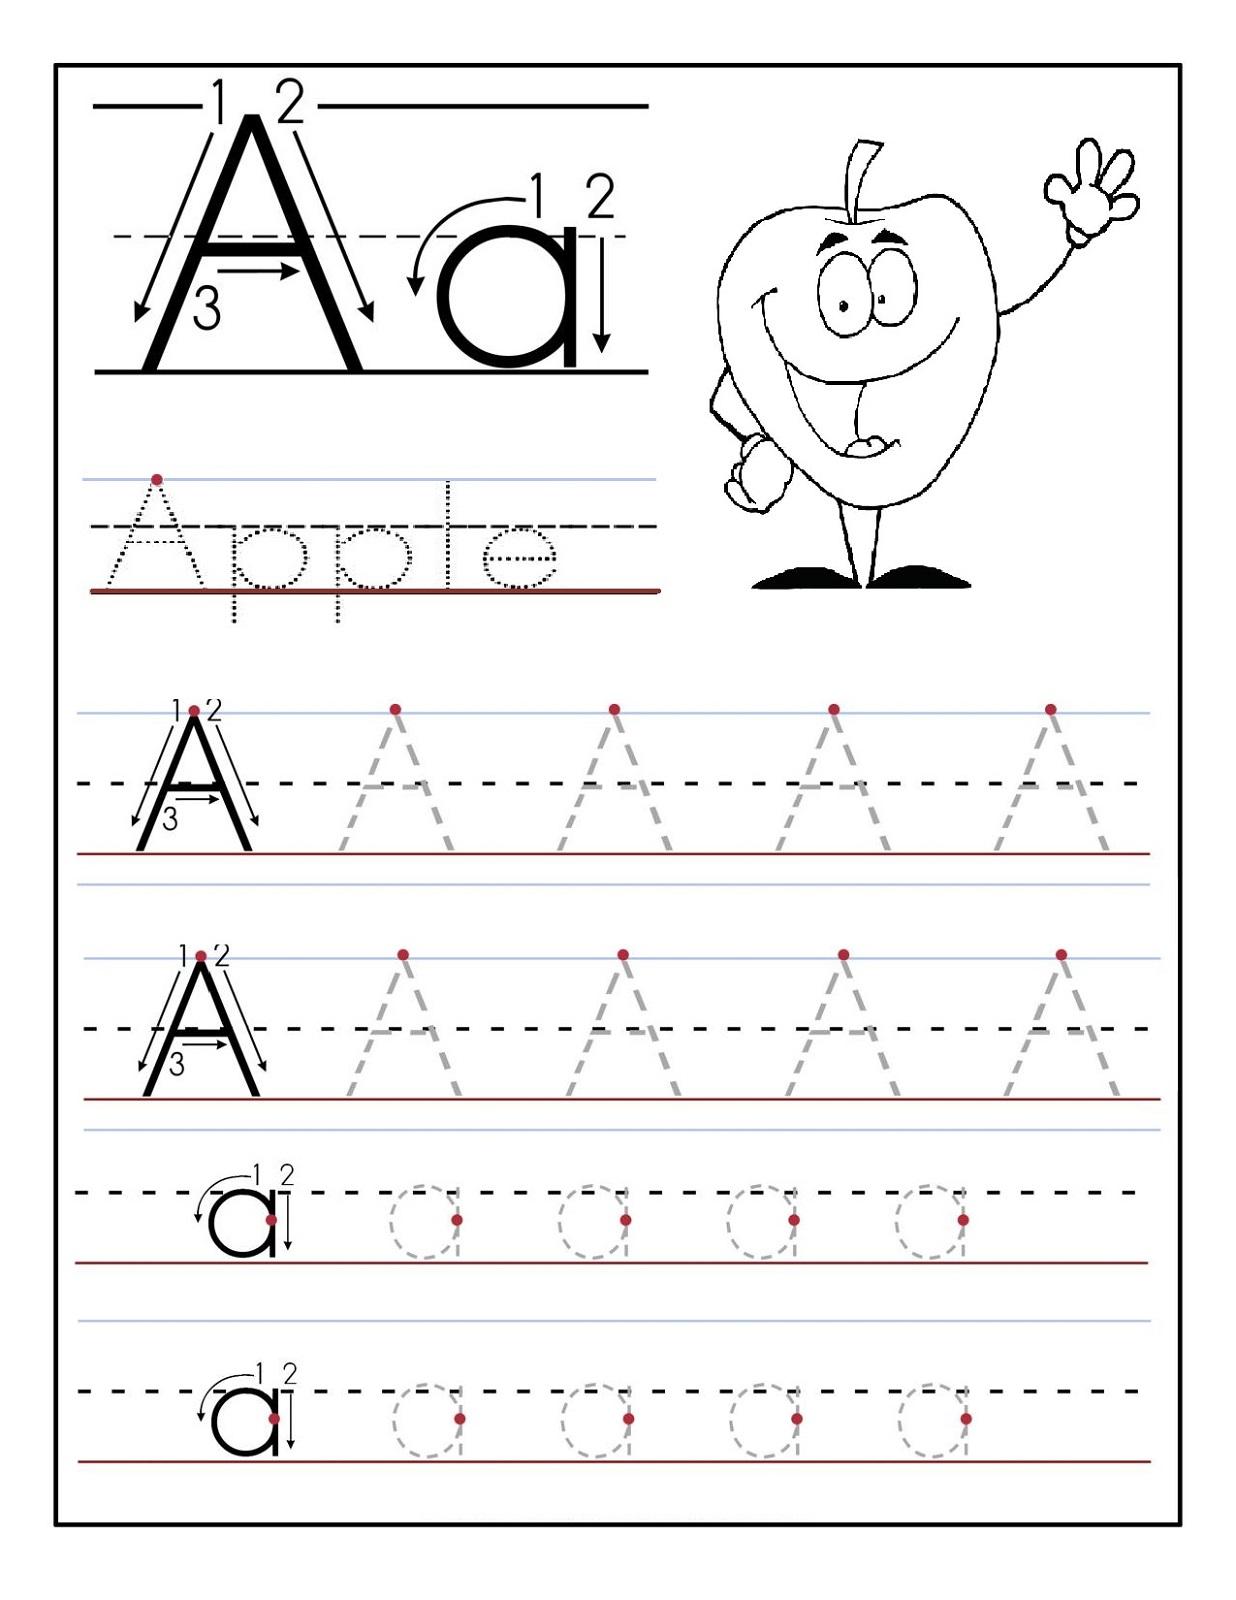 Alphabet Worksheets For Preschoolers 4